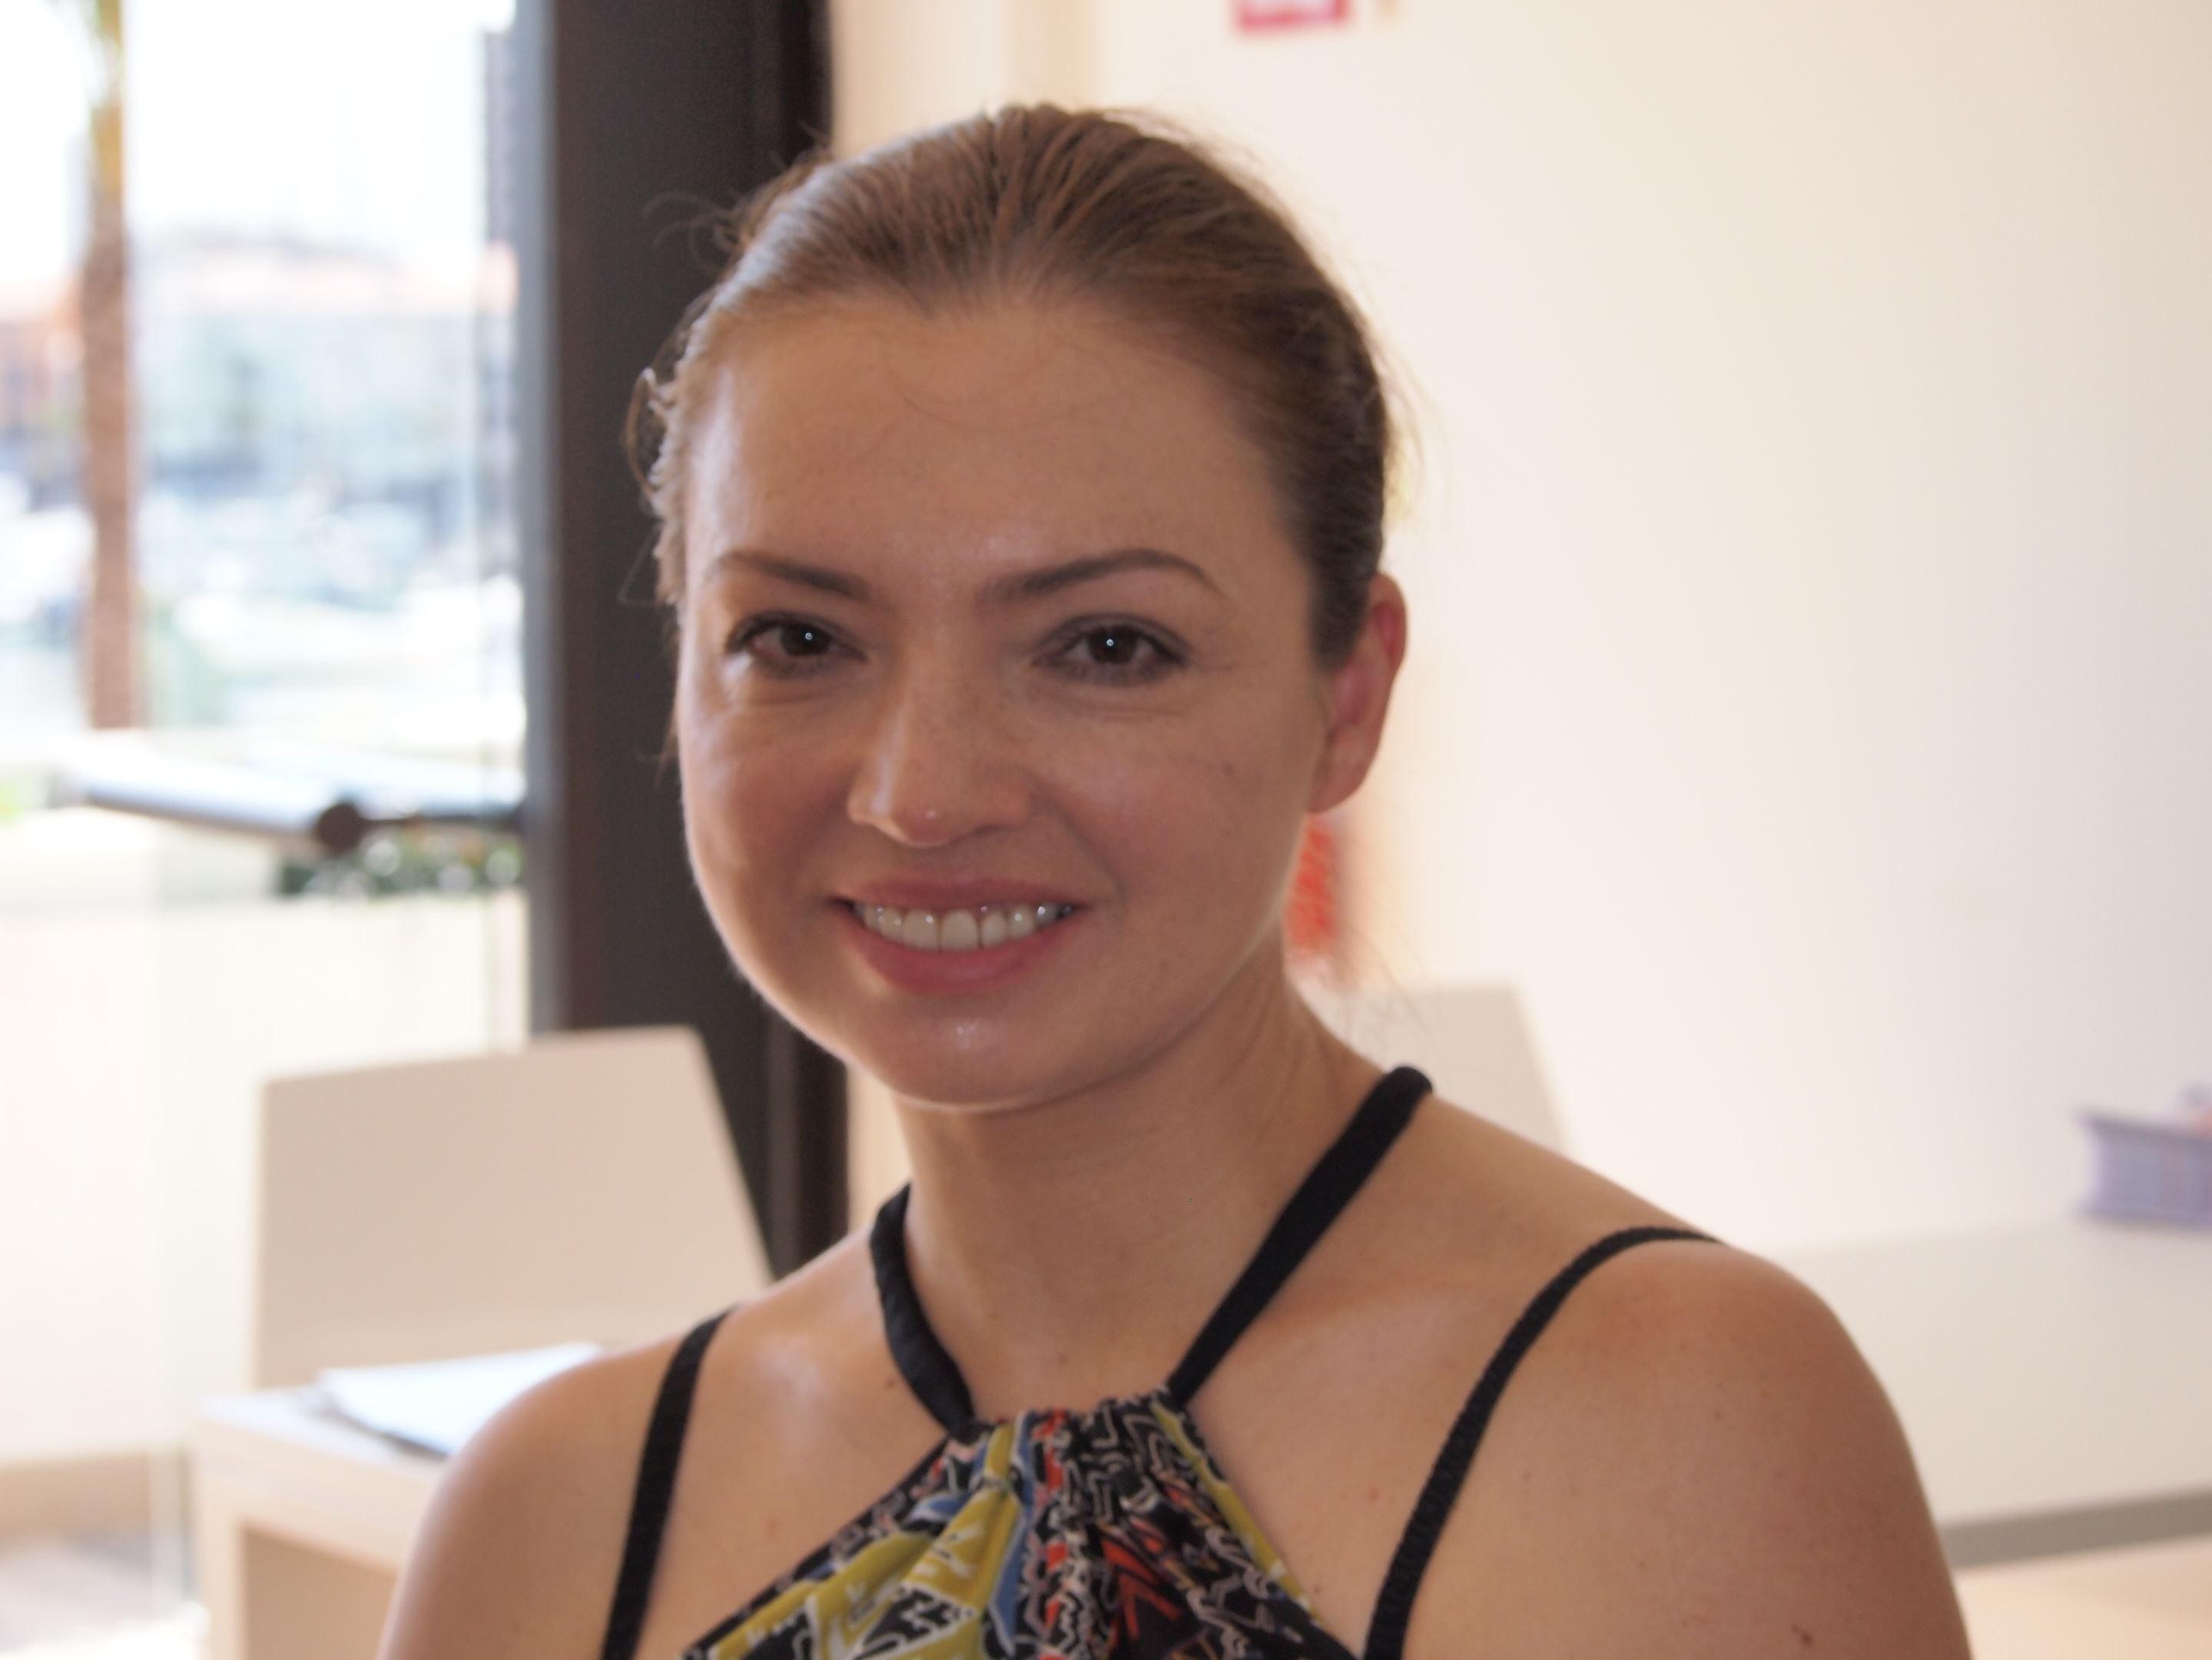 Lana Vigor